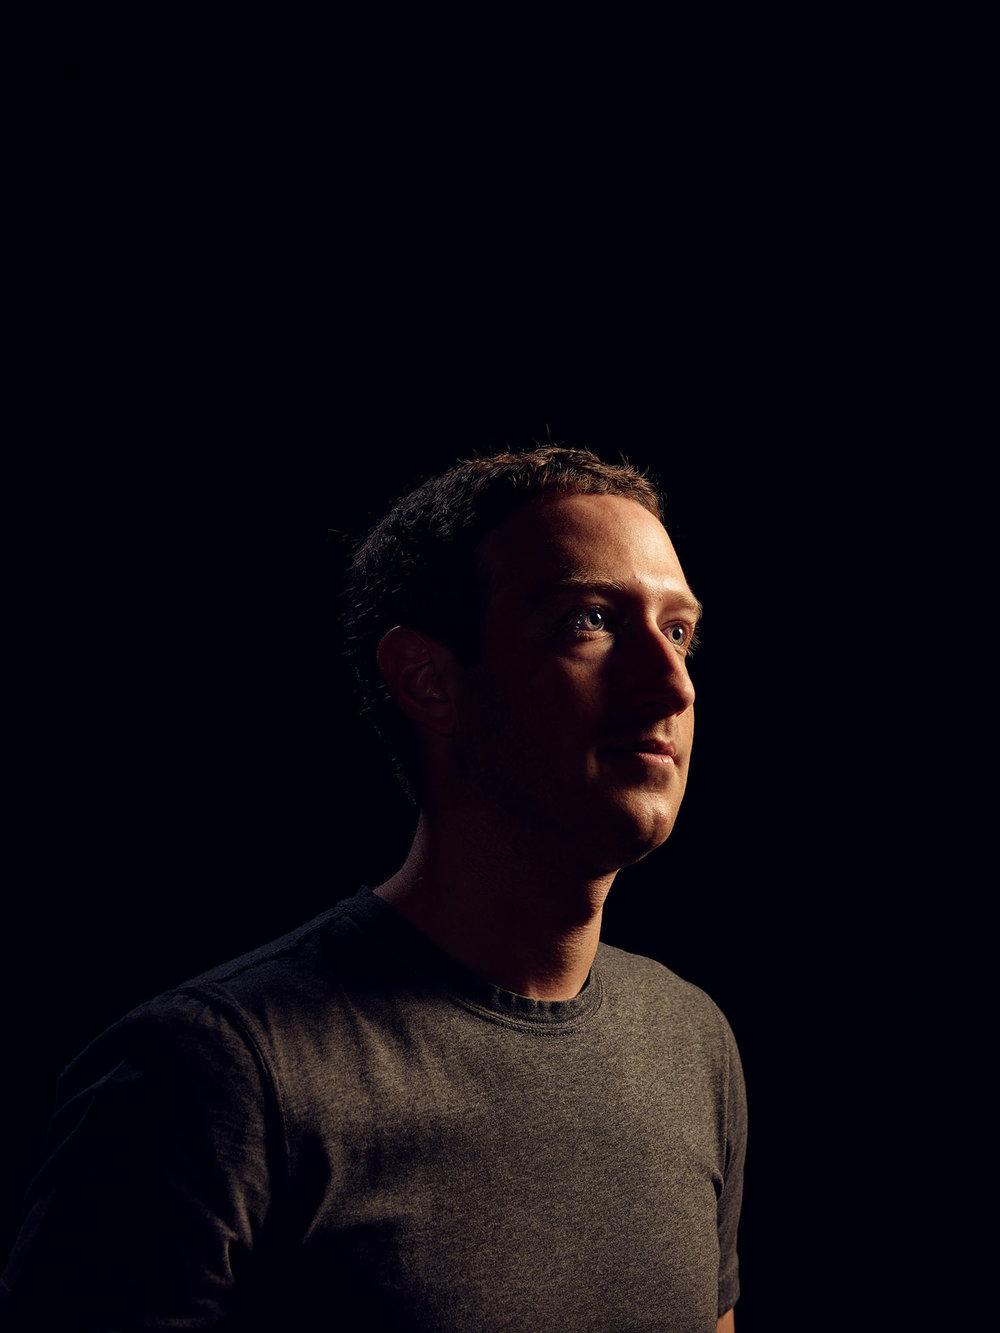 Mark Zuckerberg, CEO of Facebook, Menlo Park, California, 2017